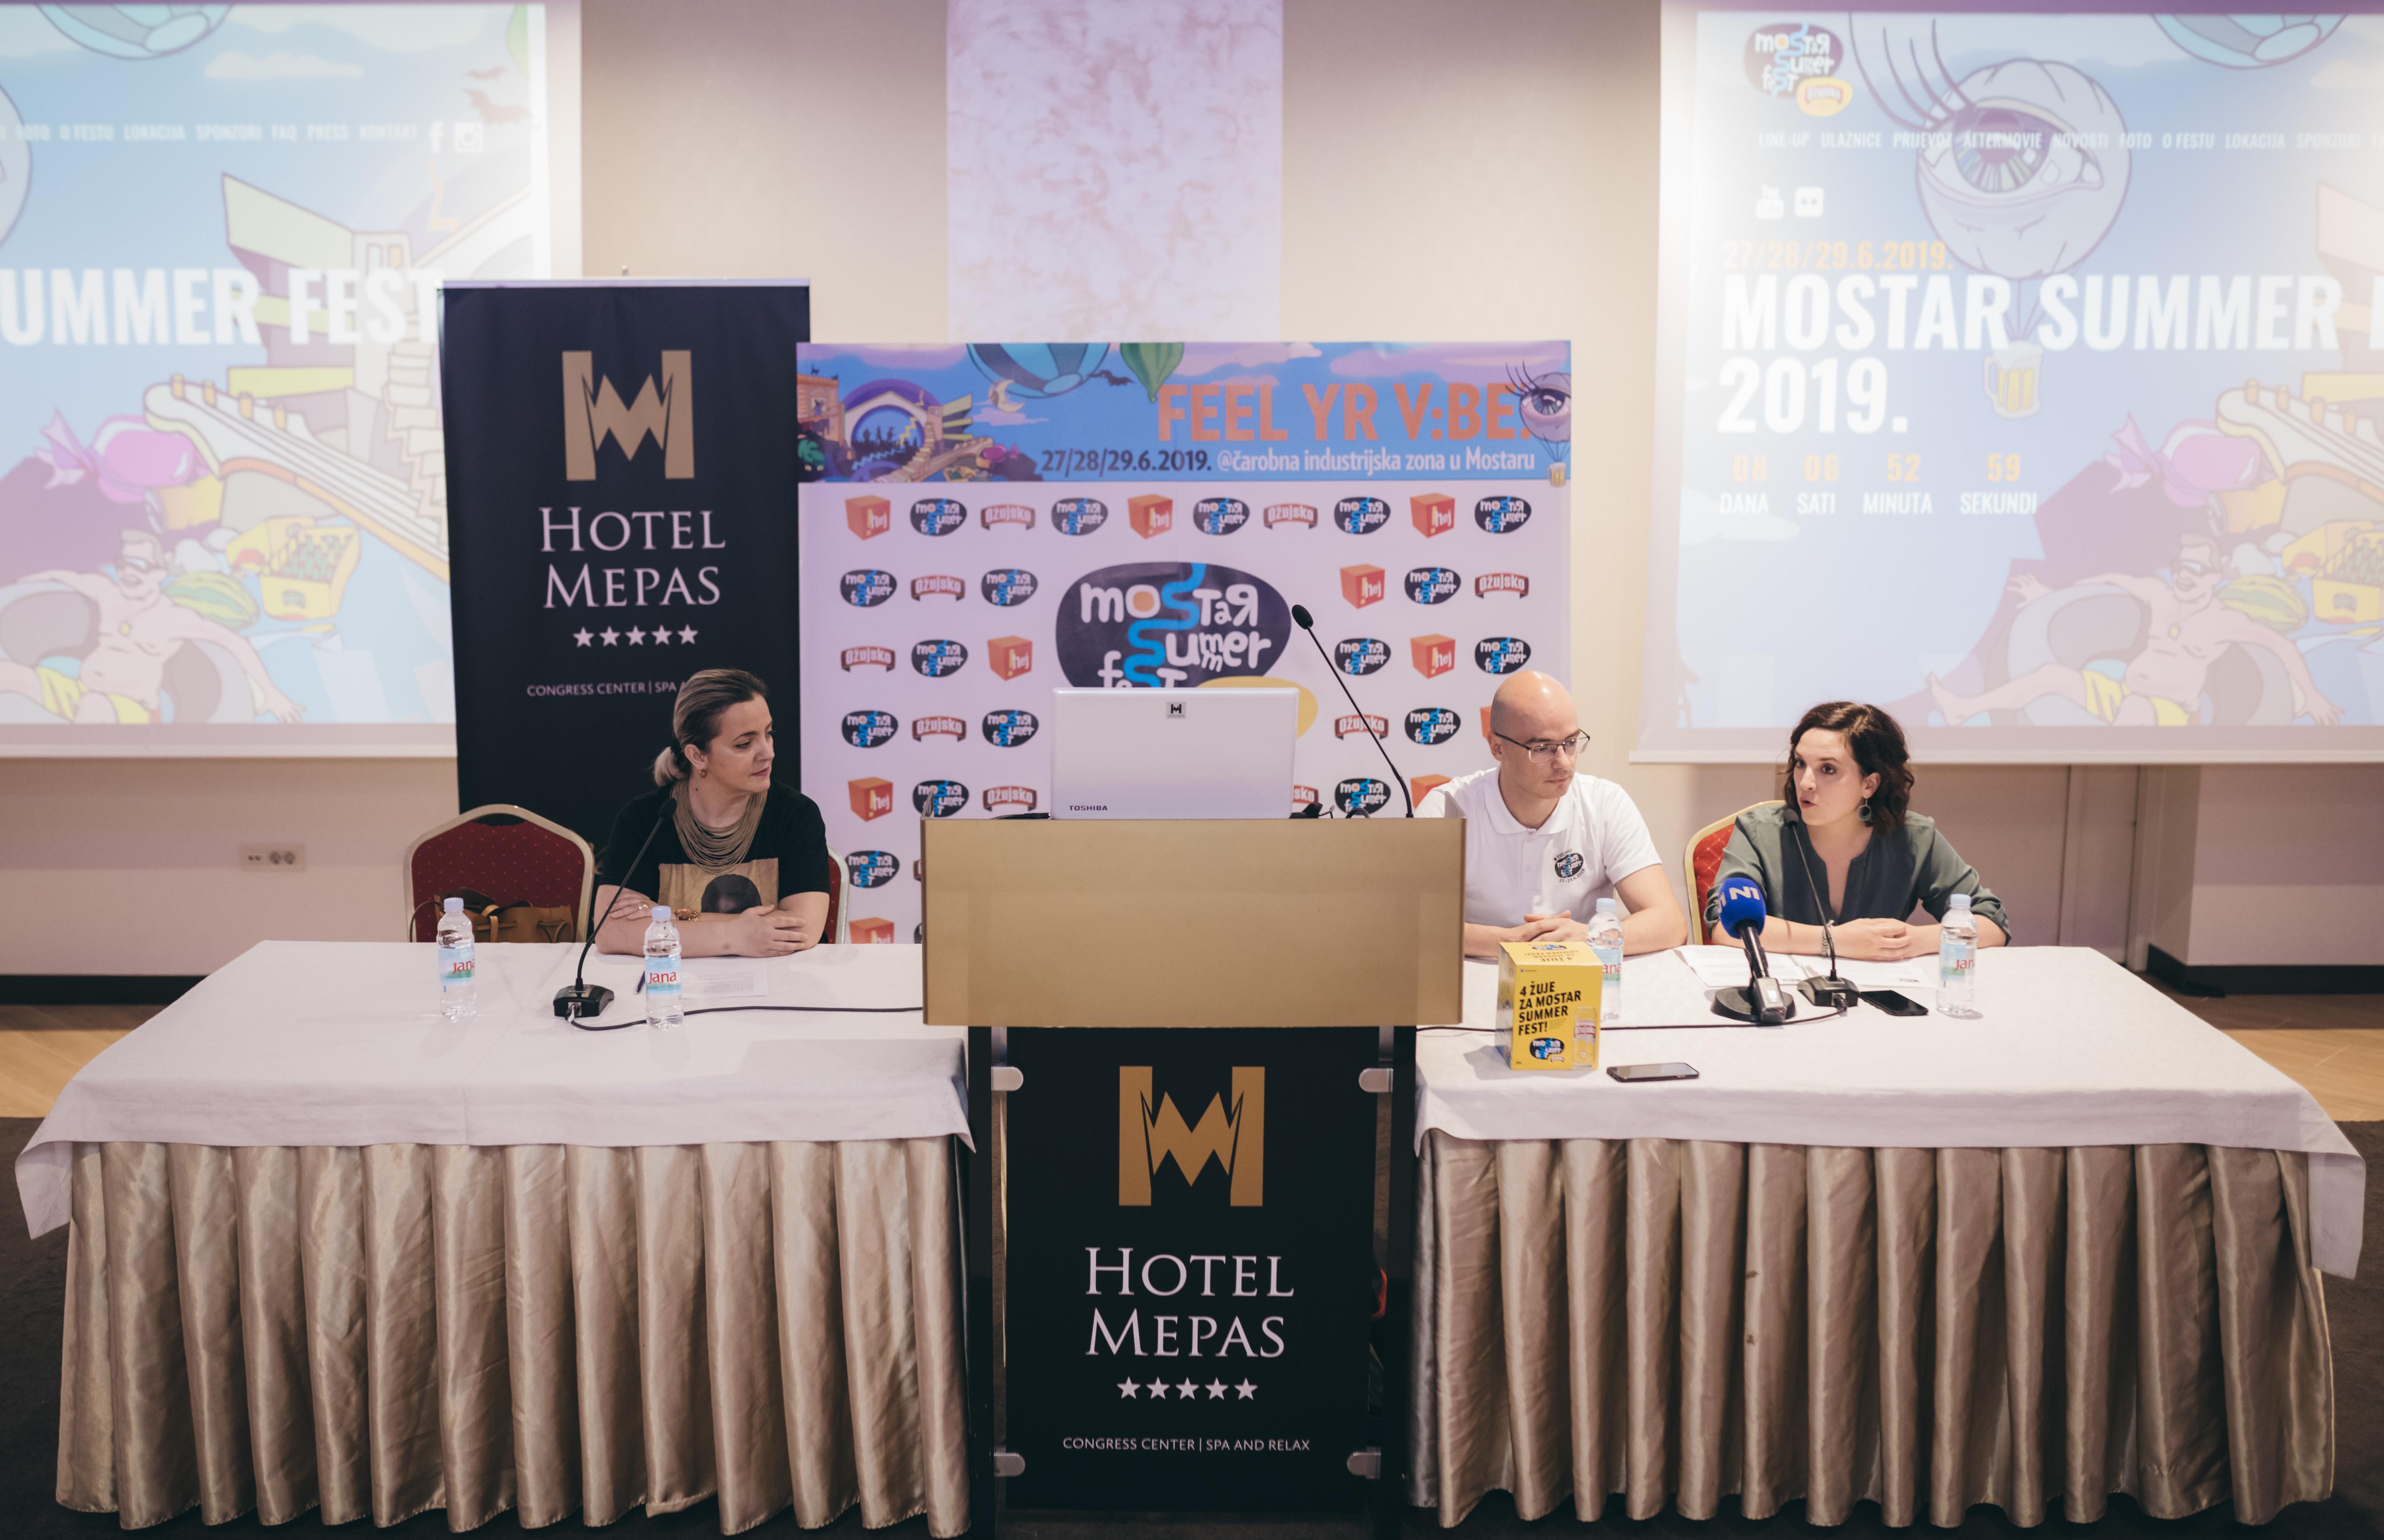 7. MOSTAR SUMMER FEST: Na press konferenciji najavljeno najjače izdanje sa preko 28 izvođača i 3 festivalska dana!